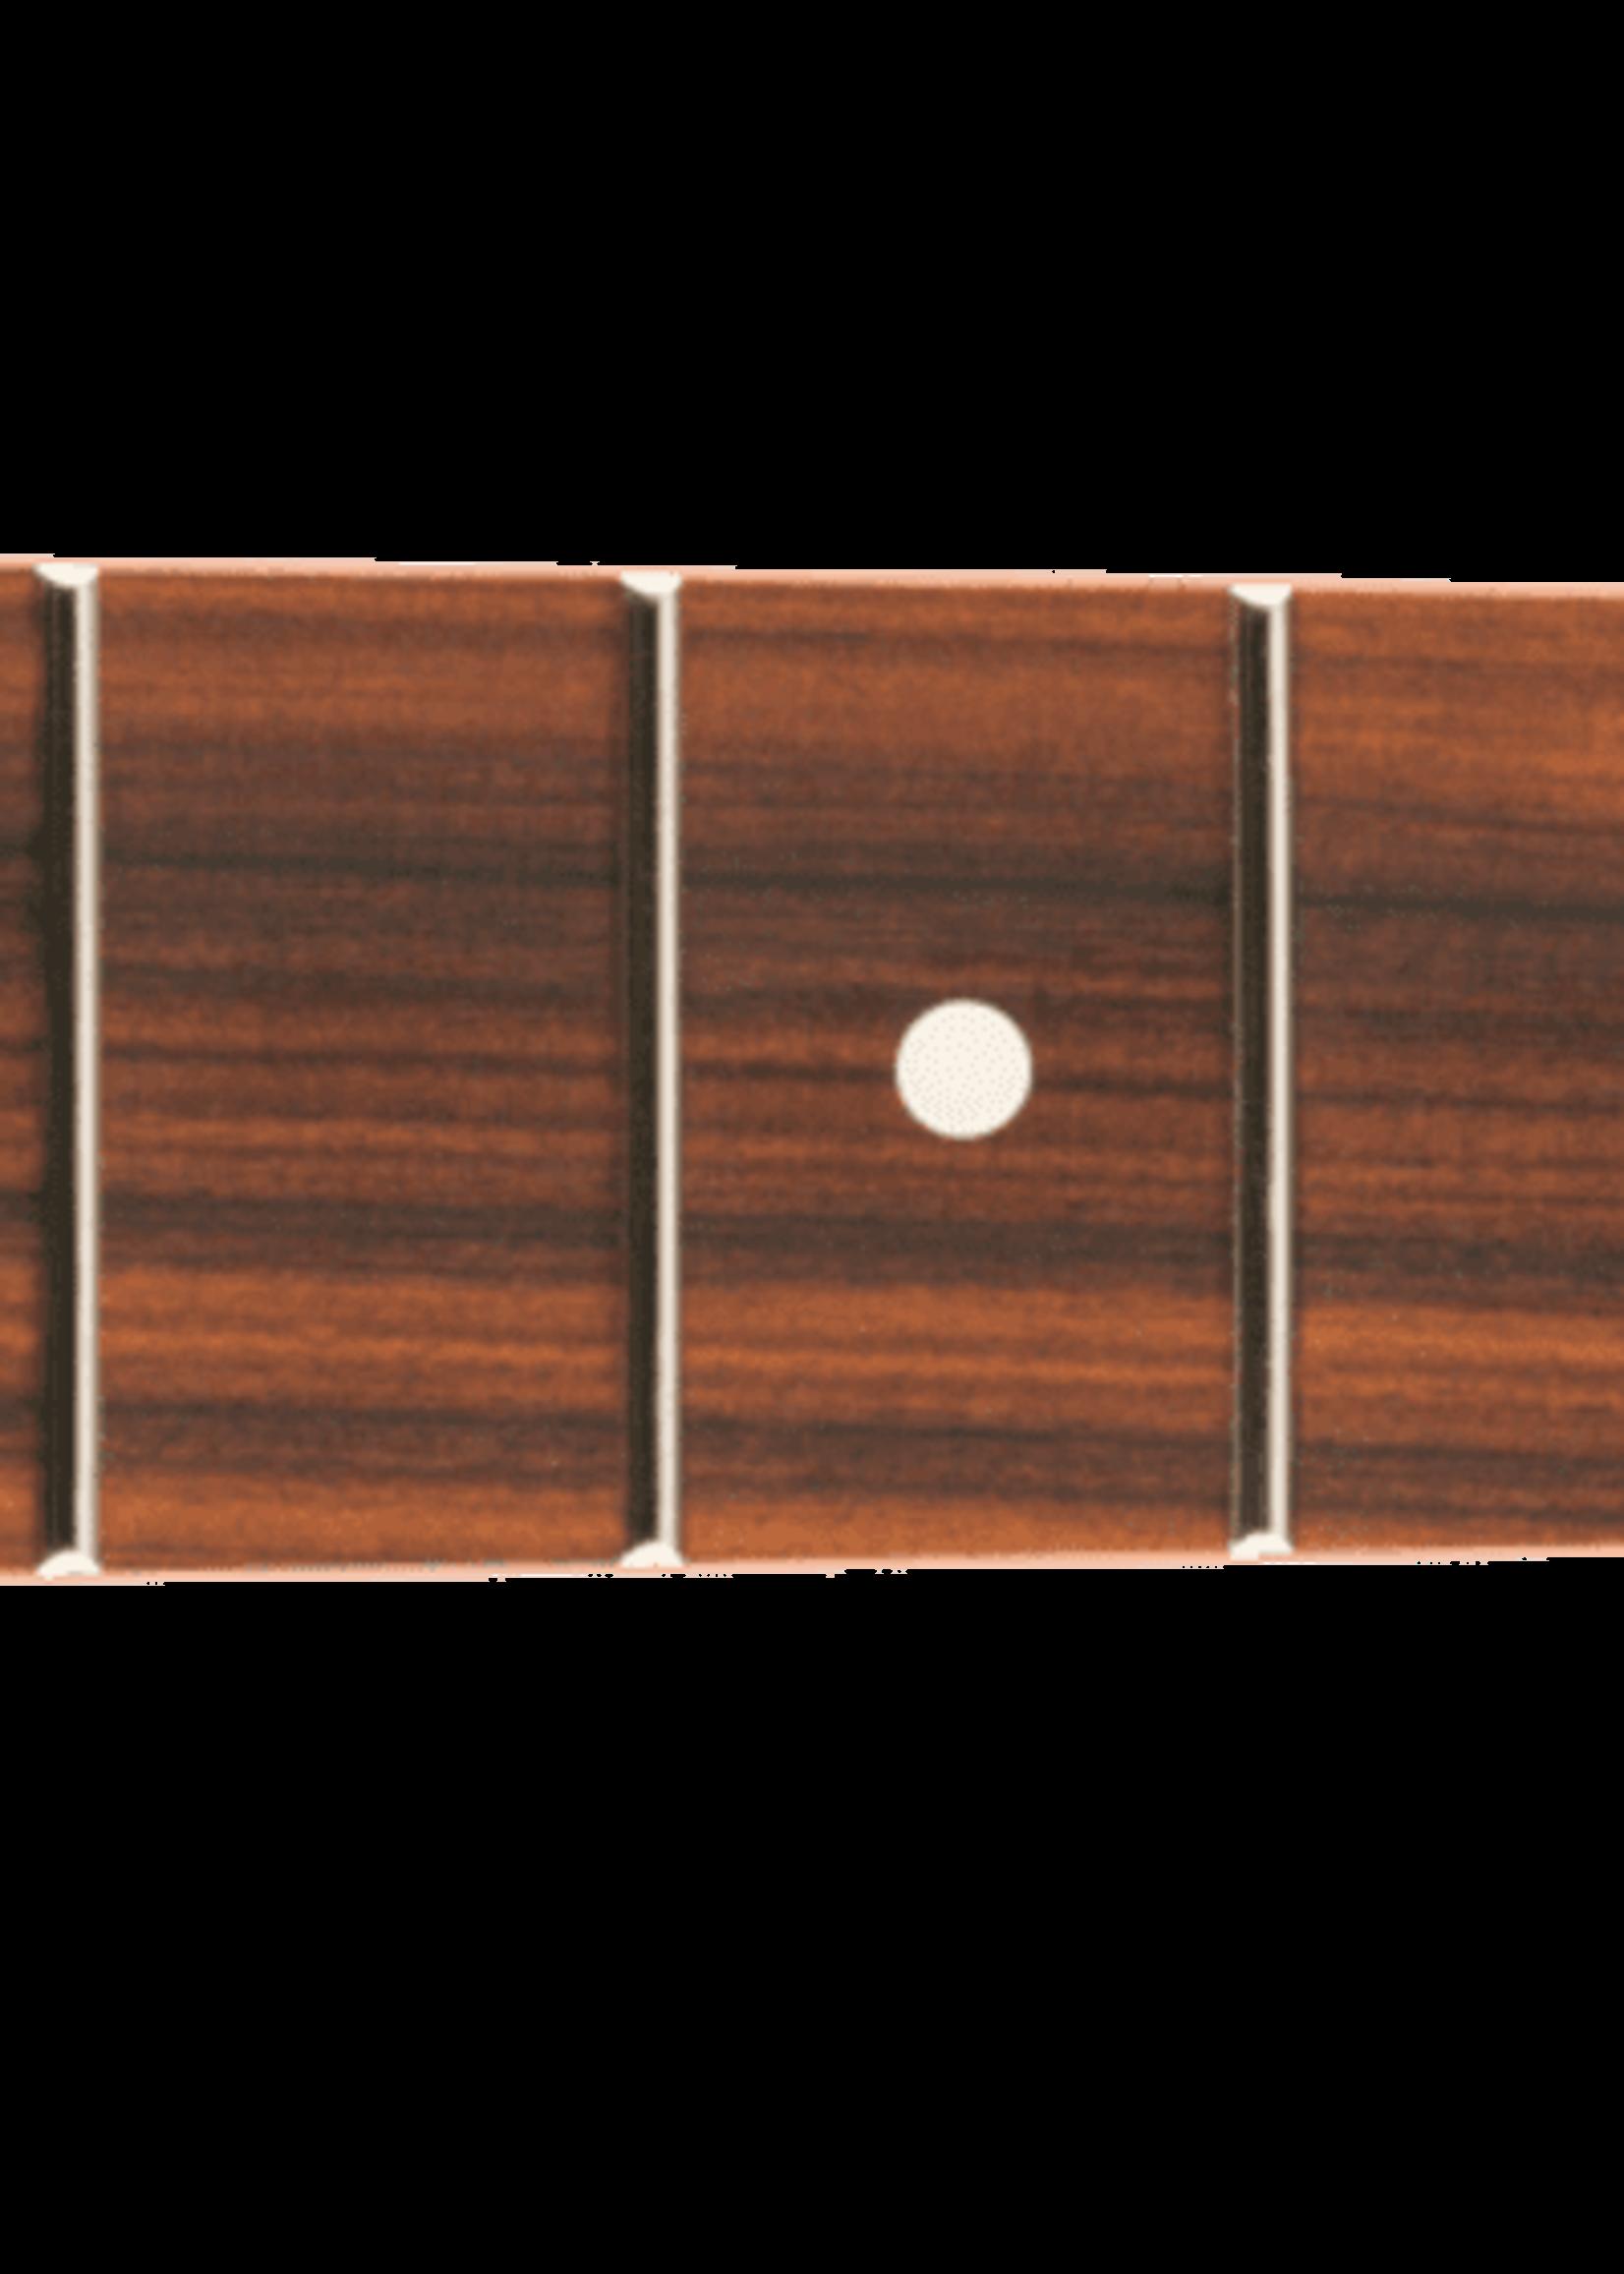 Fender Fender ROASTED MAPLE TELECASTER NECK